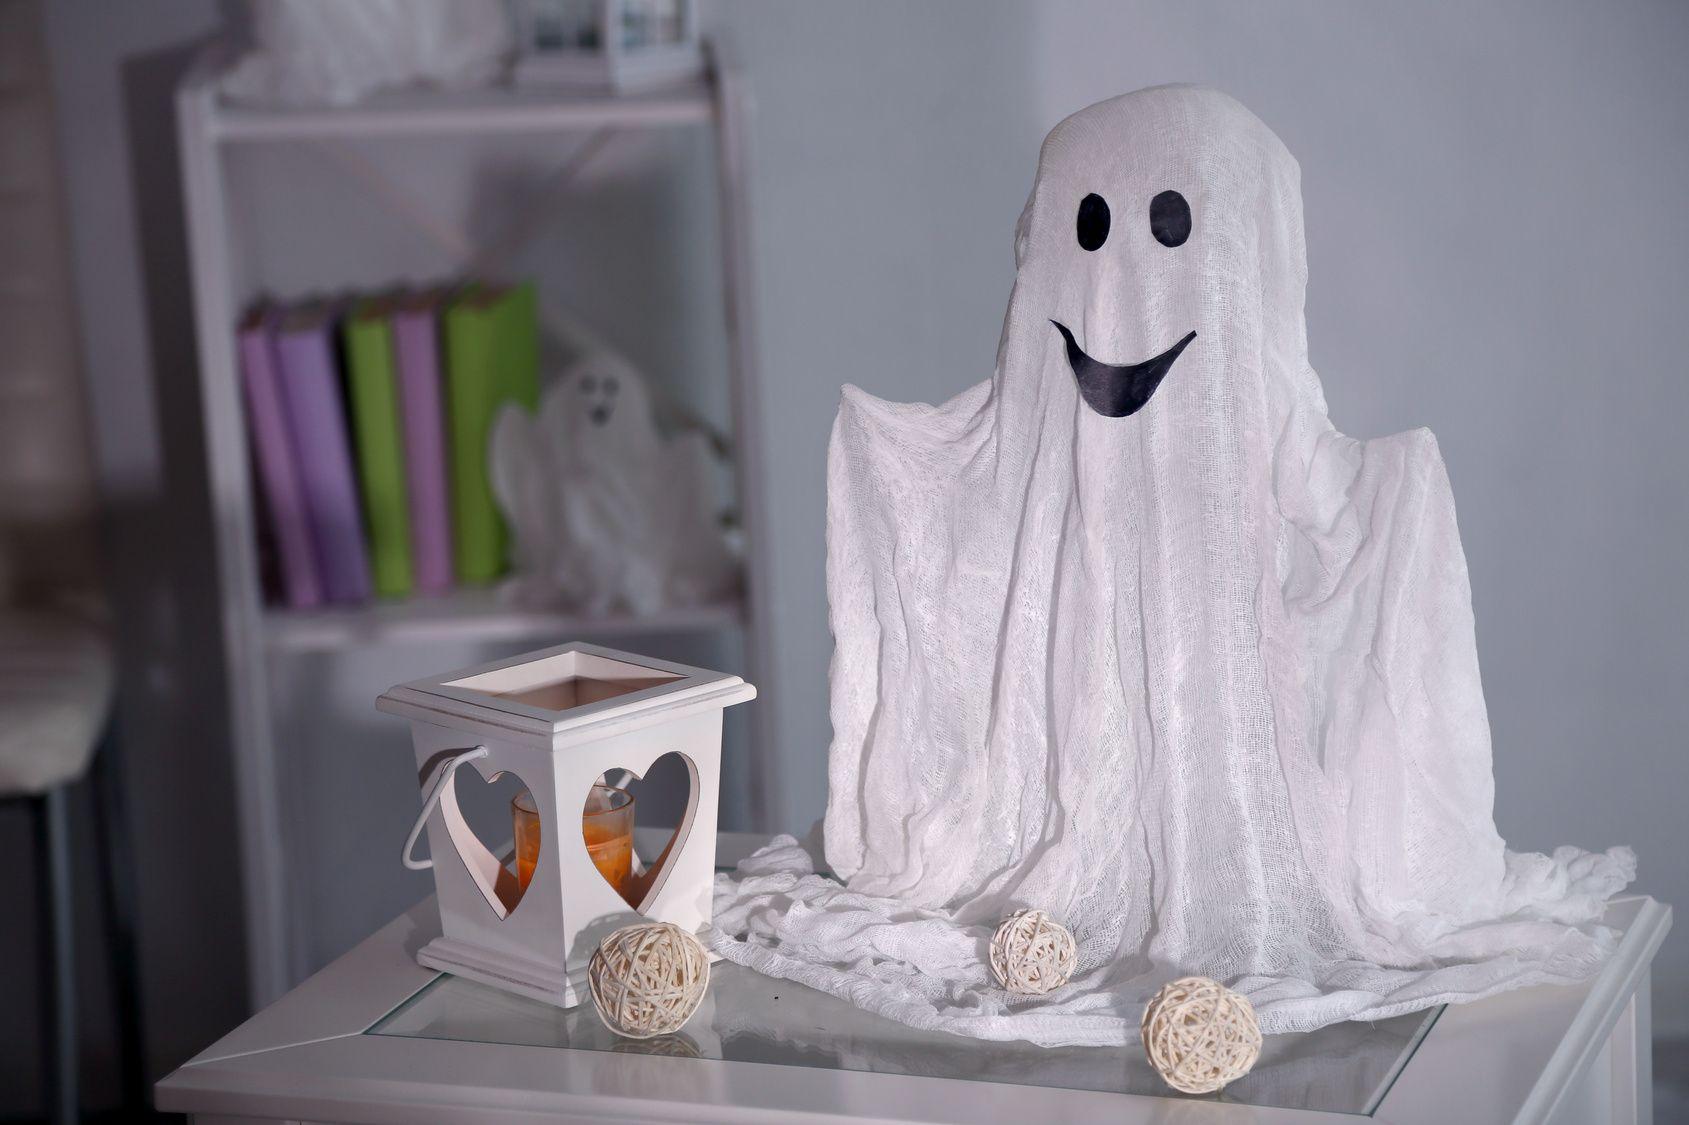 Luuletko kodissasi kummittelevan? Syy voi olla sisäilmassa